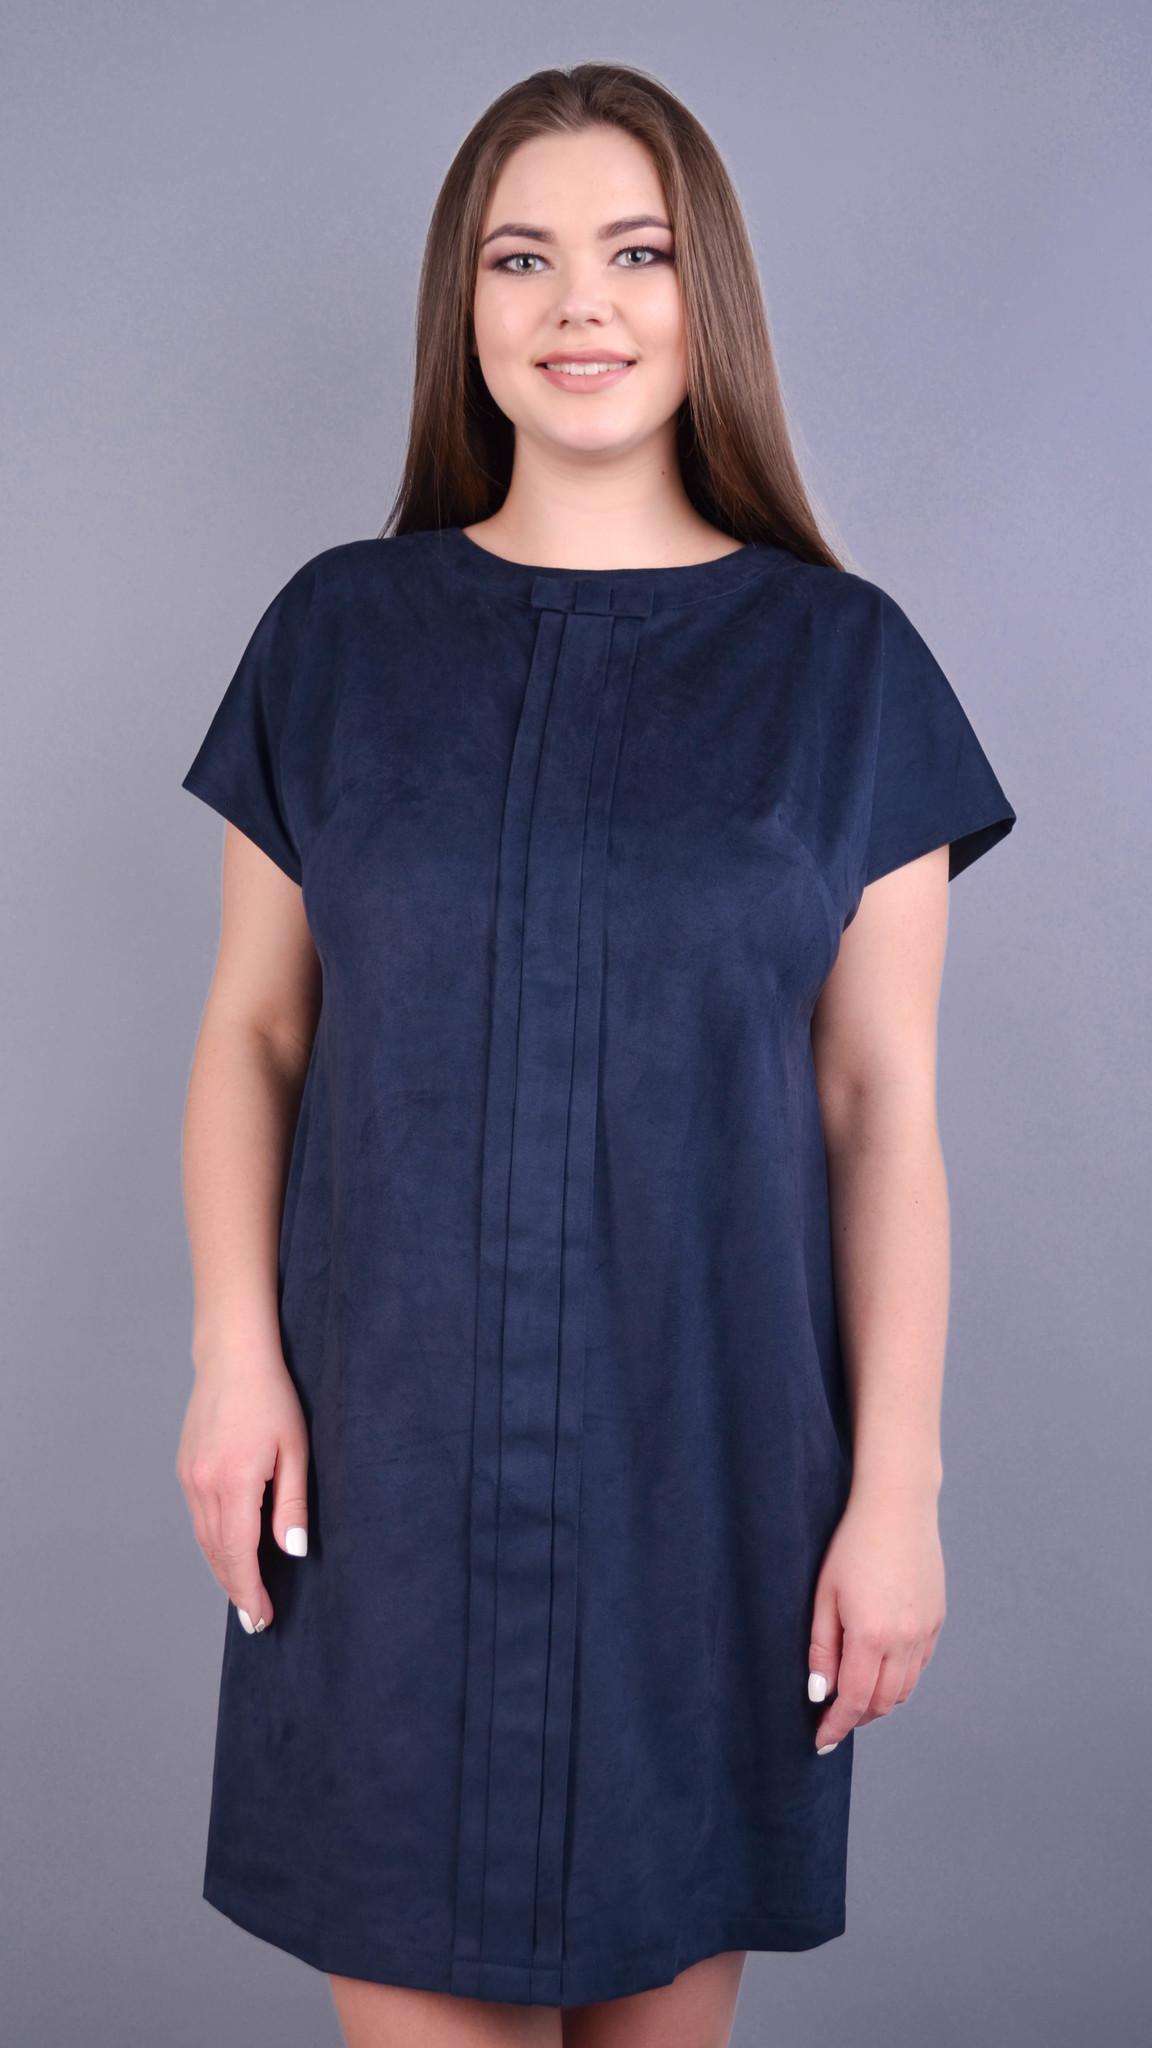 Варвара. Вишукана сукня для жінок плюс сайз. Синій.